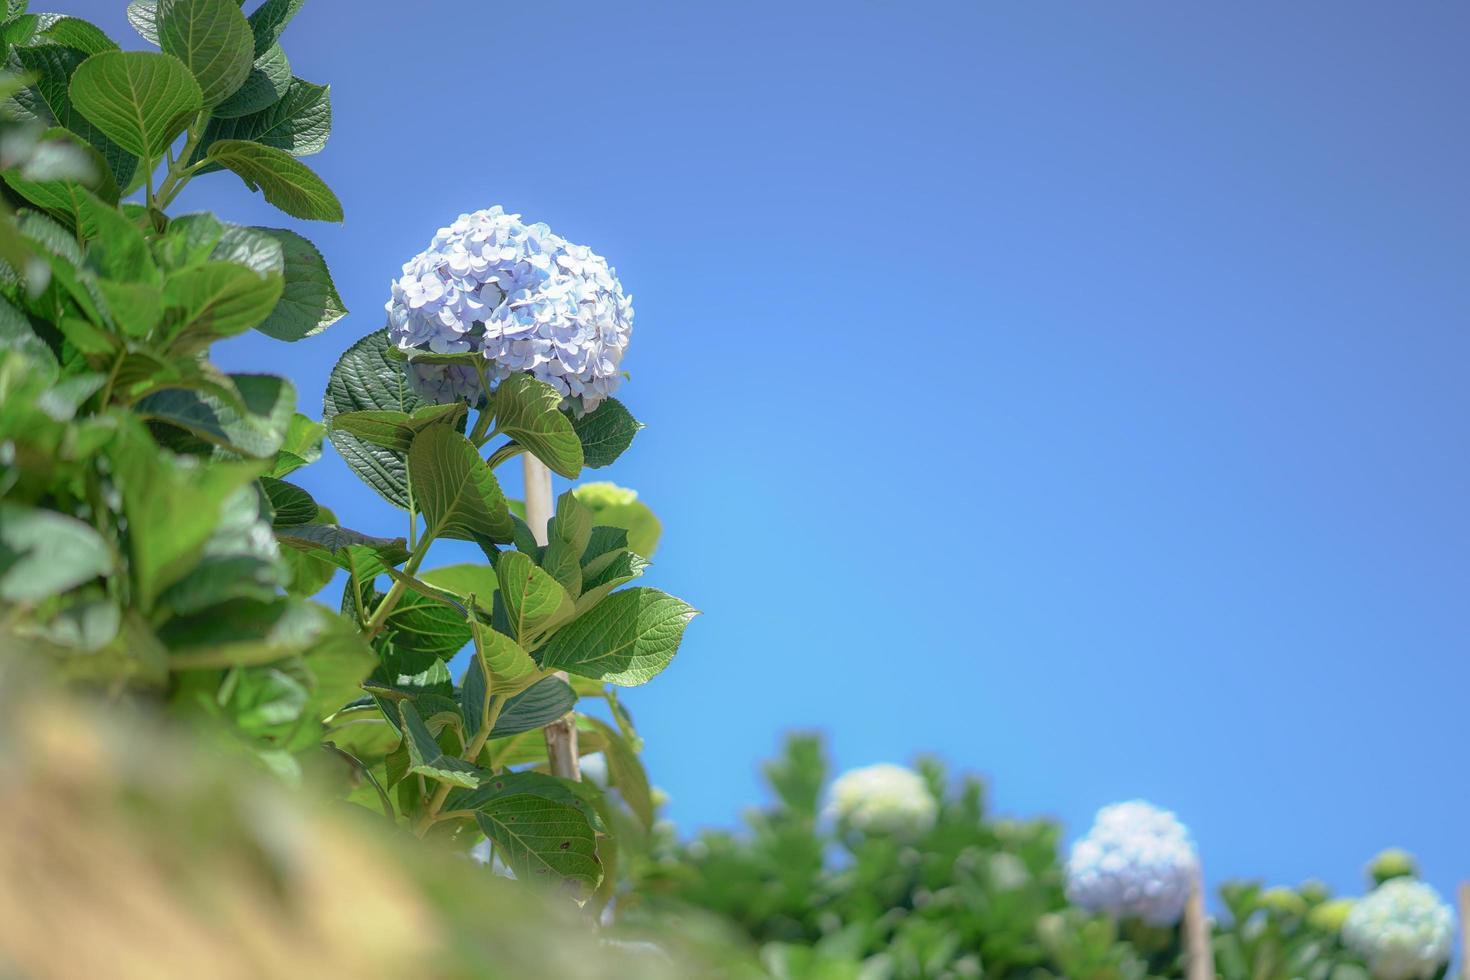 vackra hortensia blommor, hortensia macrophylla blommar i trädgården foto